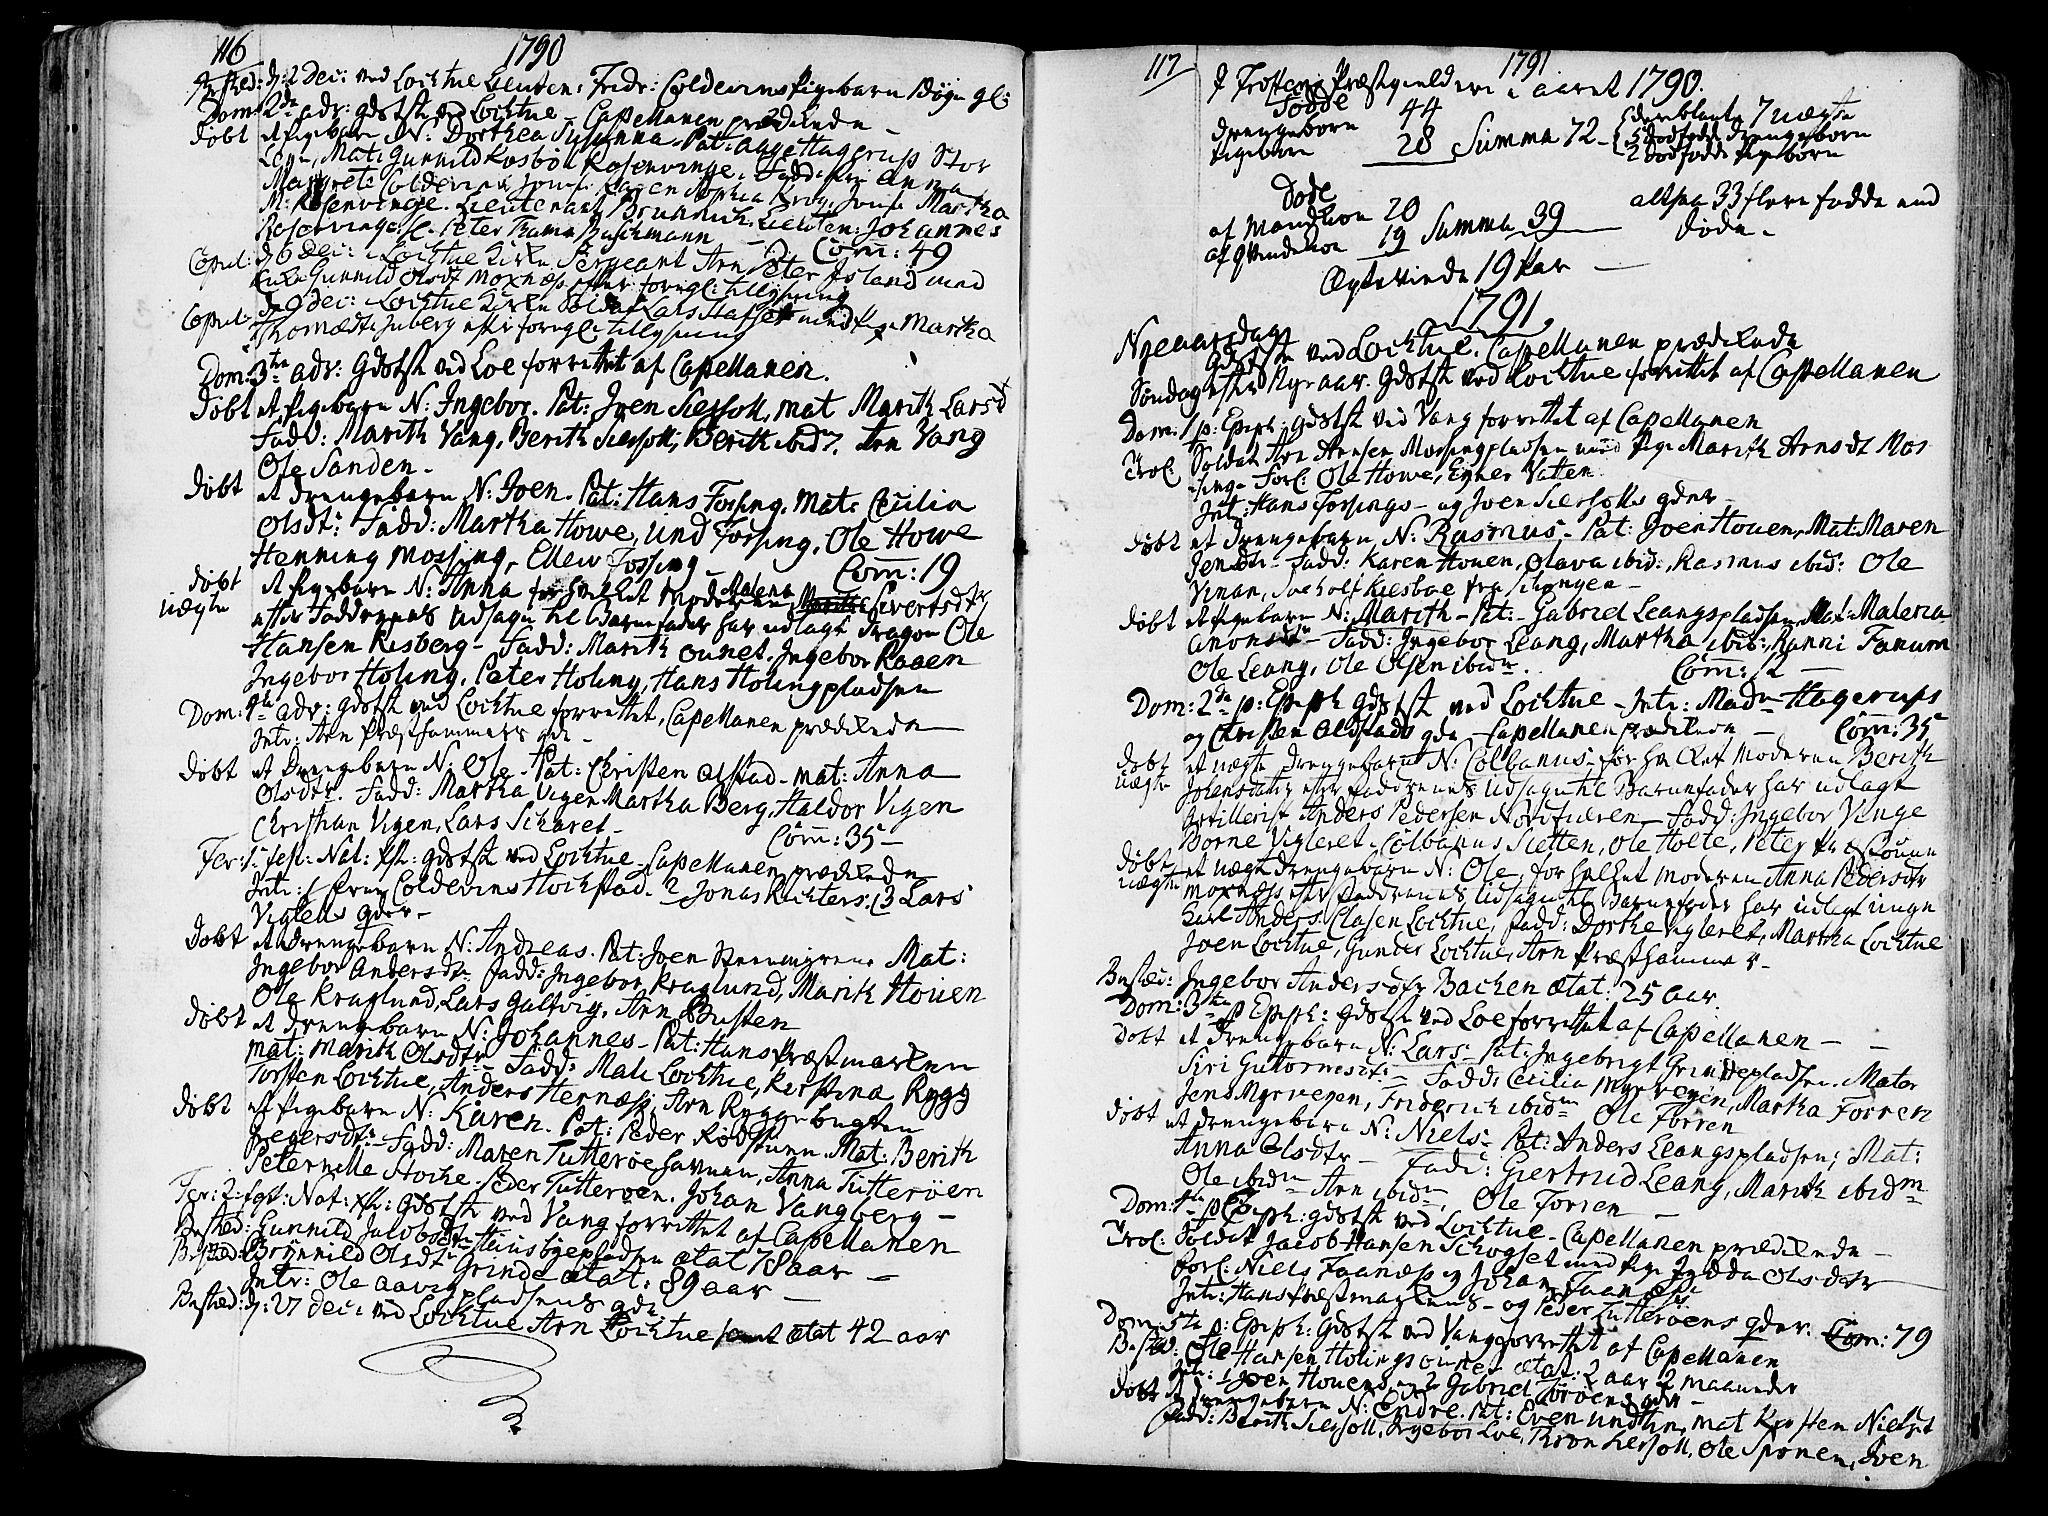 SAT, Ministerialprotokoller, klokkerbøker og fødselsregistre - Nord-Trøndelag, 713/L0110: Ministerialbok nr. 713A02, 1778-1811, s. 116-117